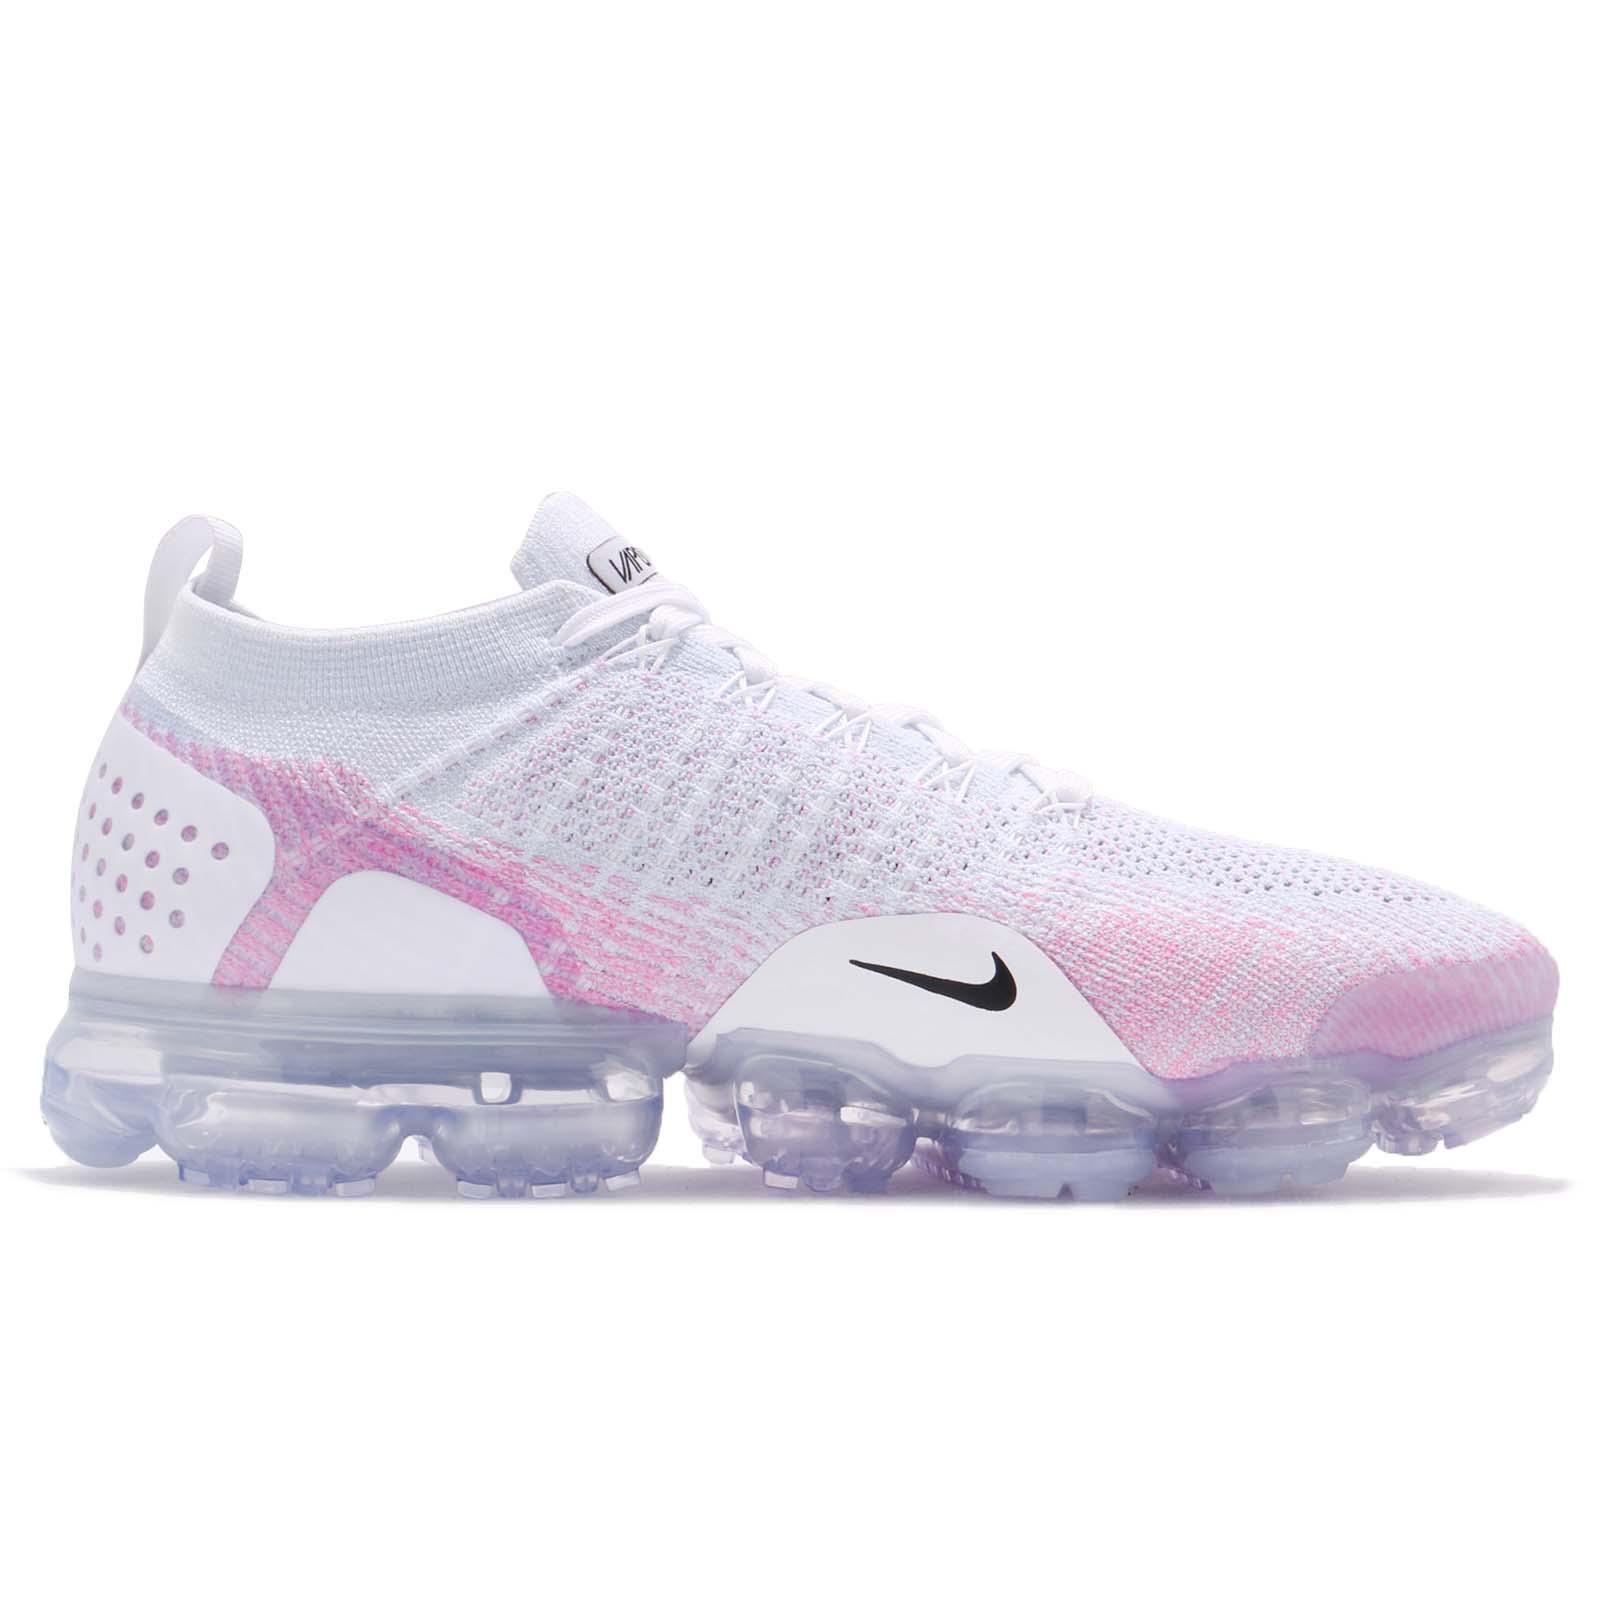 Nike Air Vapormax Flyknit 2.0 White Hydrogen Blue Pink Men Running ... 2a4a17ef3c71